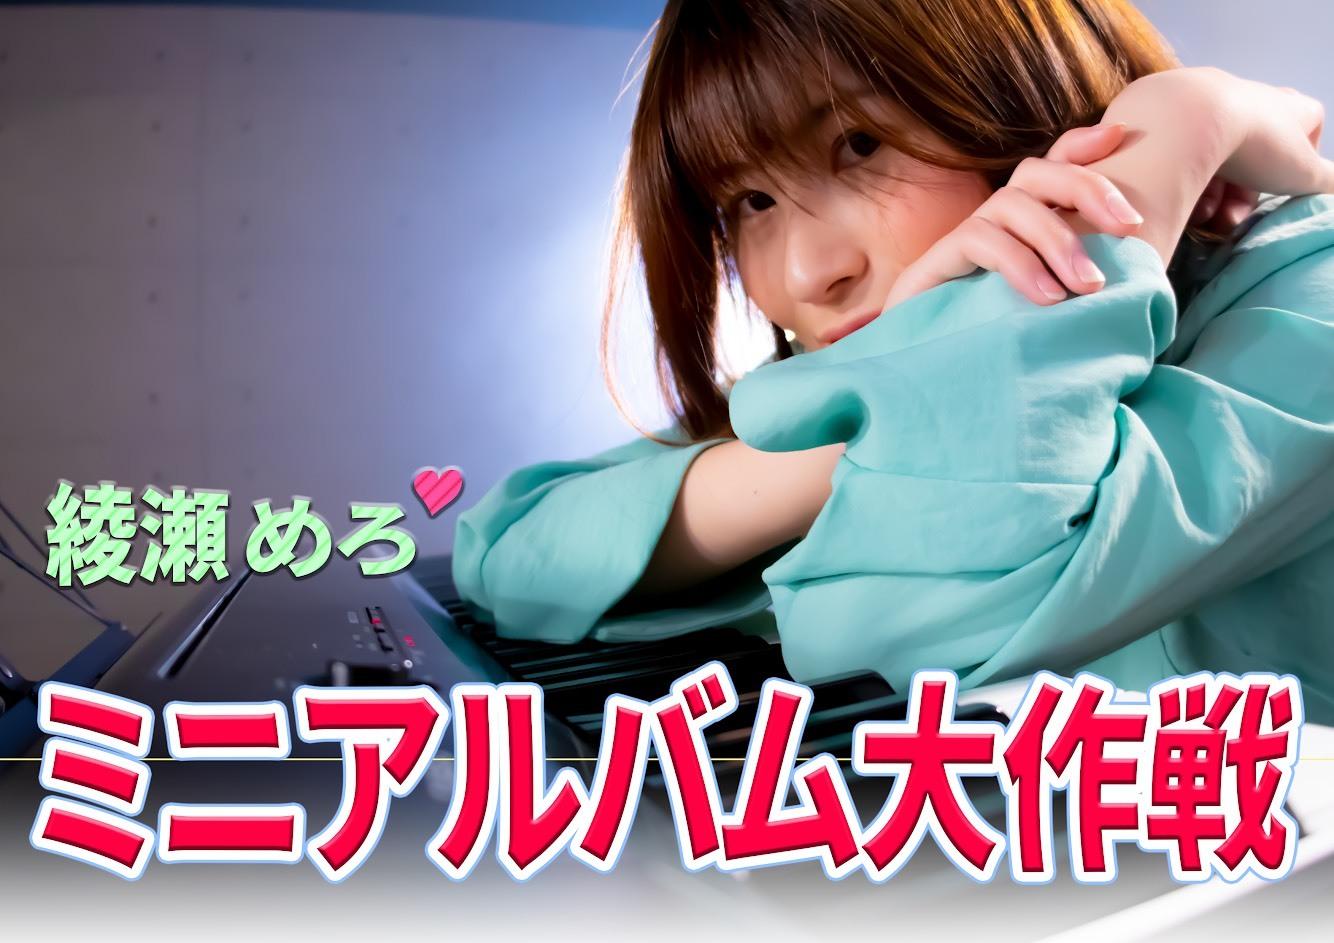 【綾瀬めろ】あなたとつくる、アルバム制作キャンペーン!